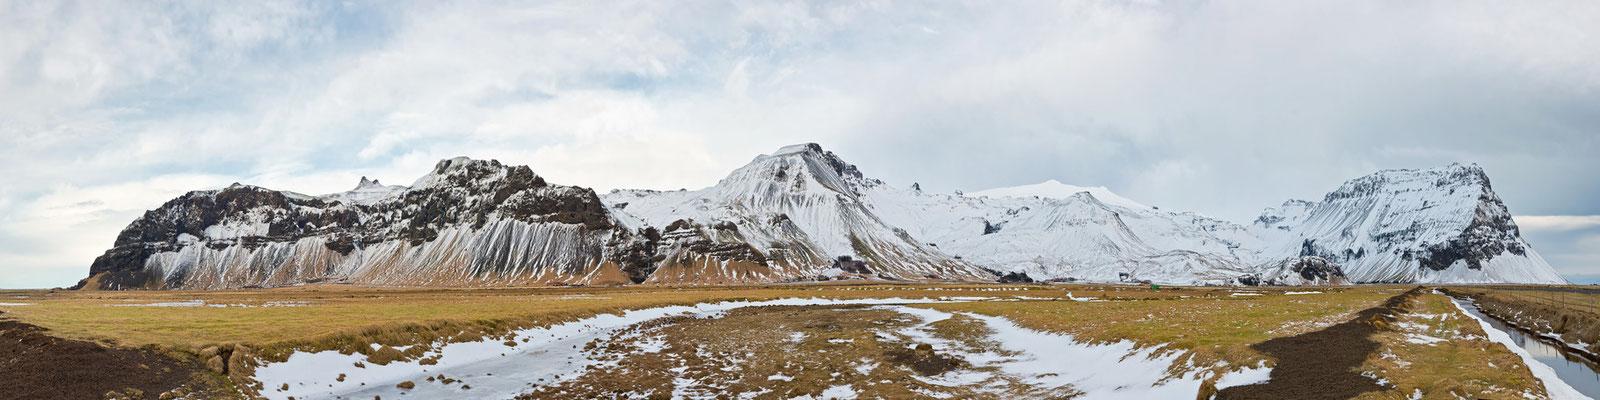 Bergkulisse - Island